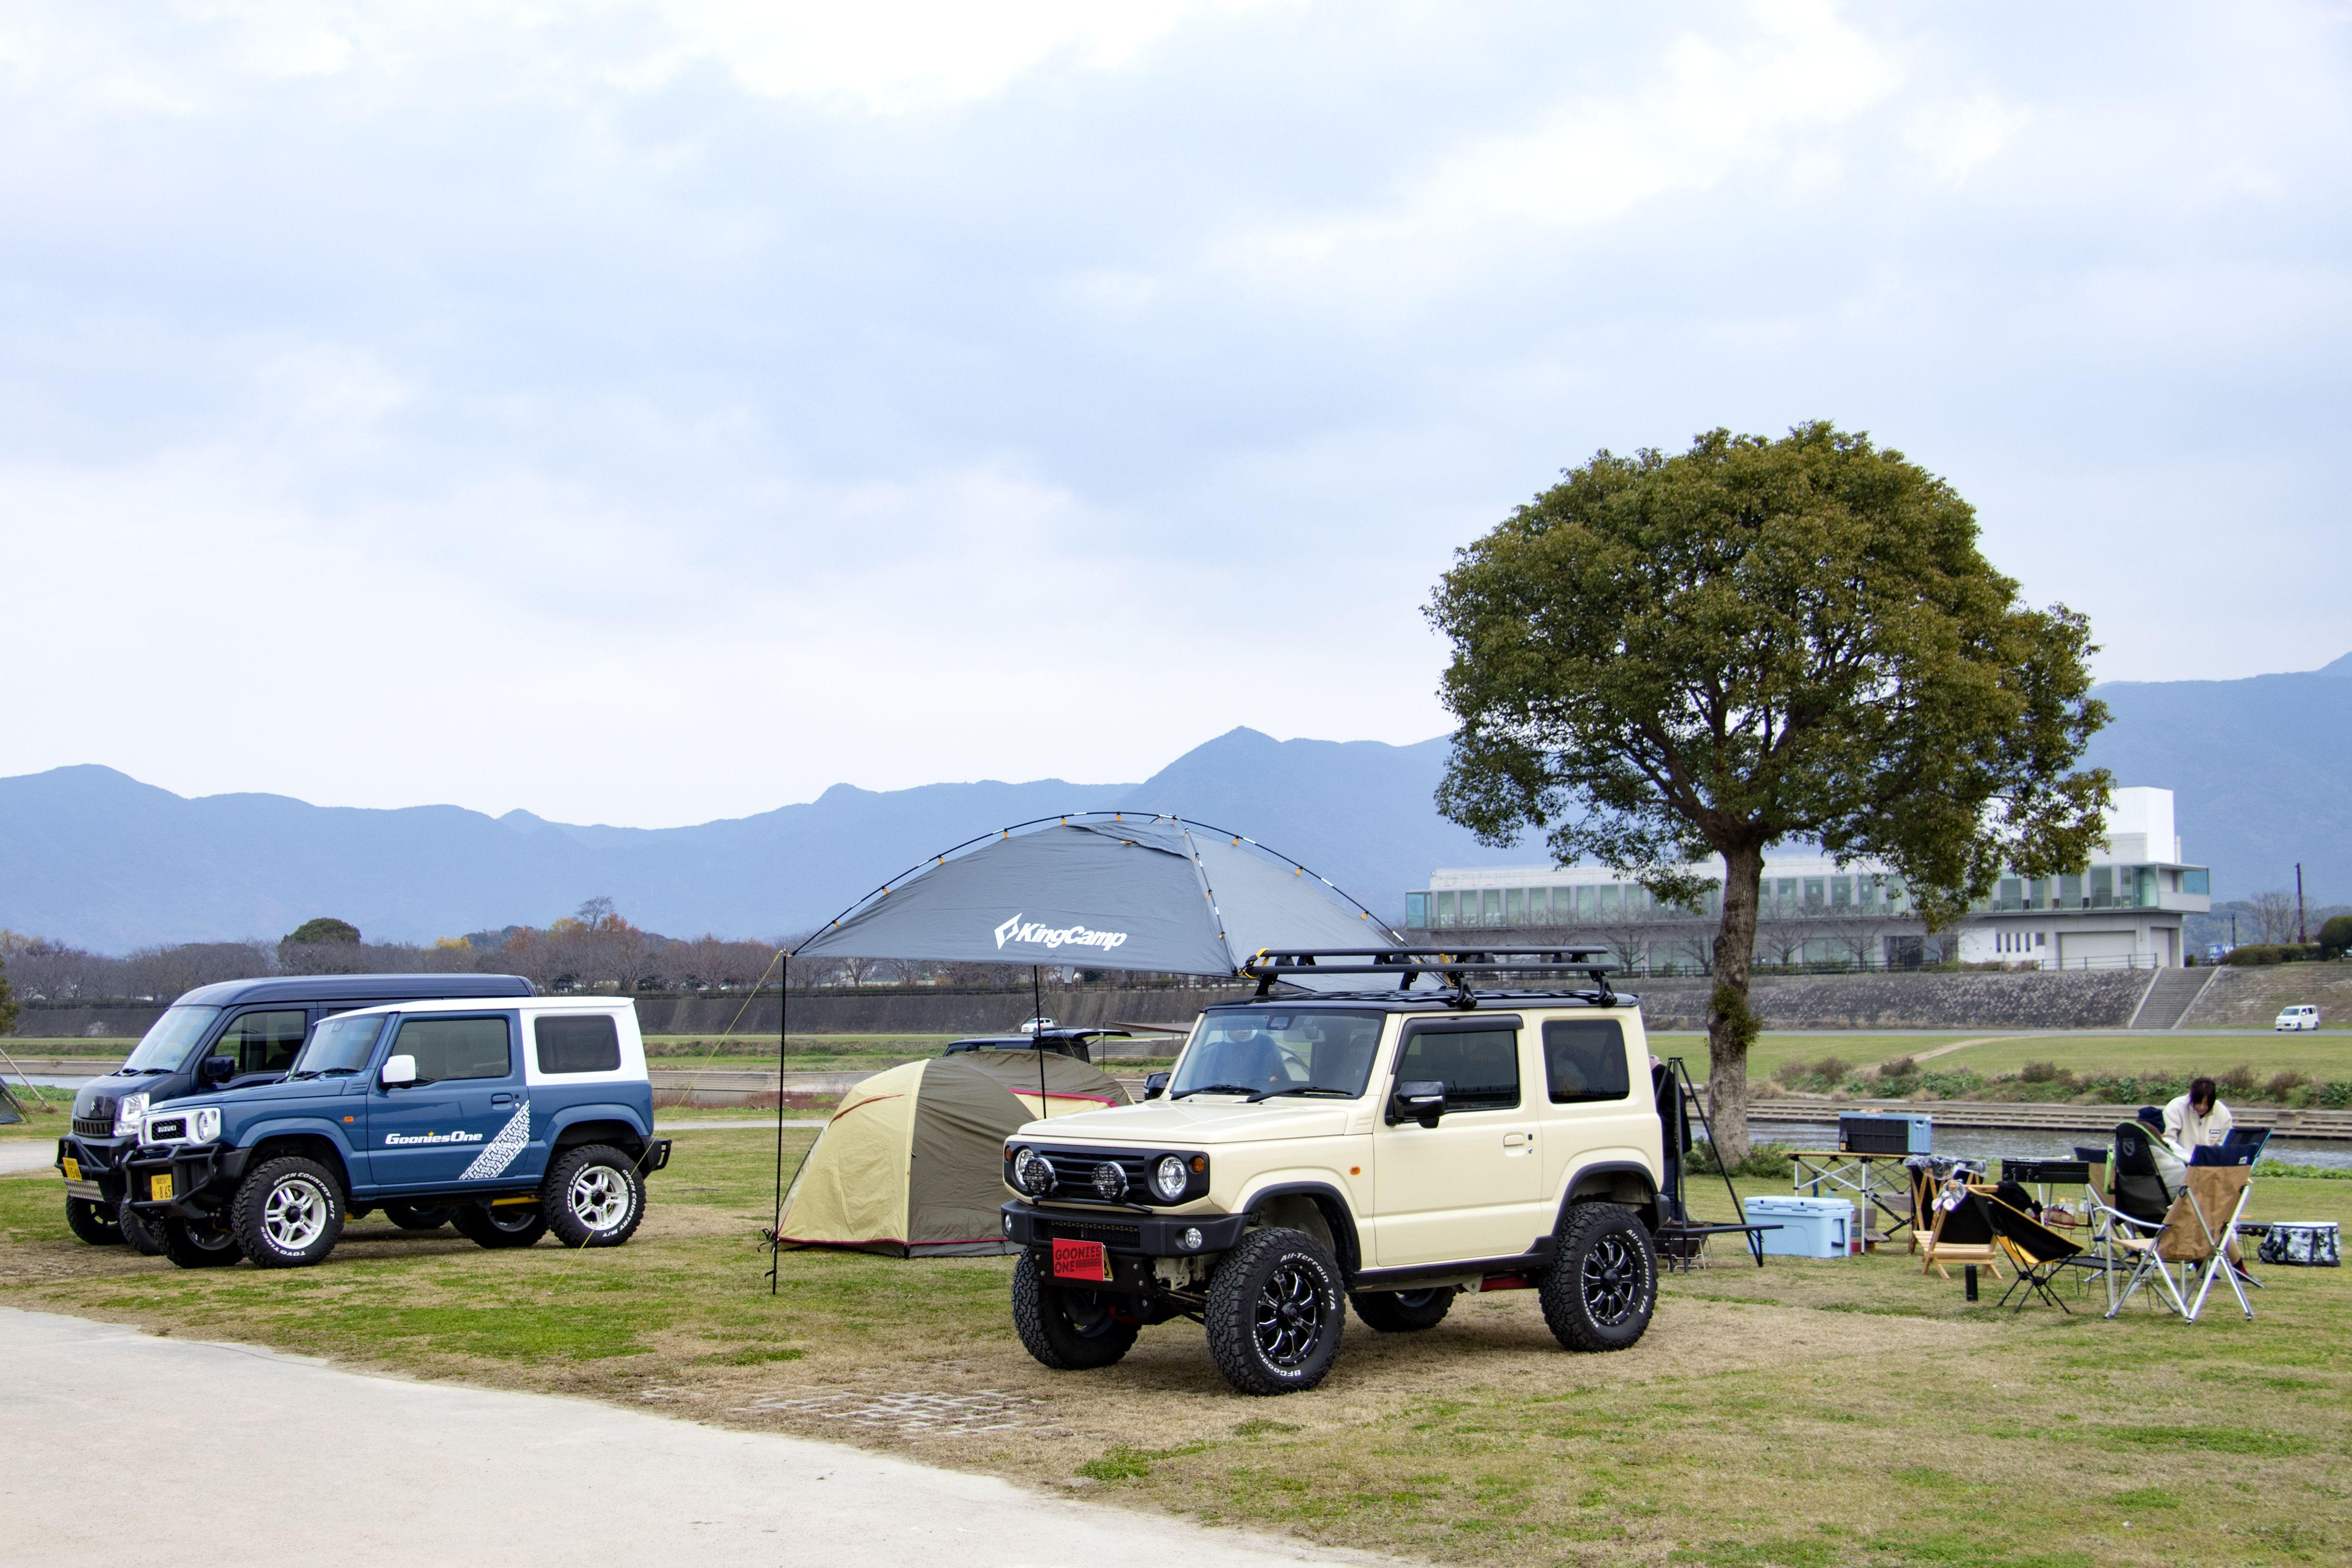 カスタムカーでキャンプ ジムニー キャンプ 新型ジムニー キャンプ